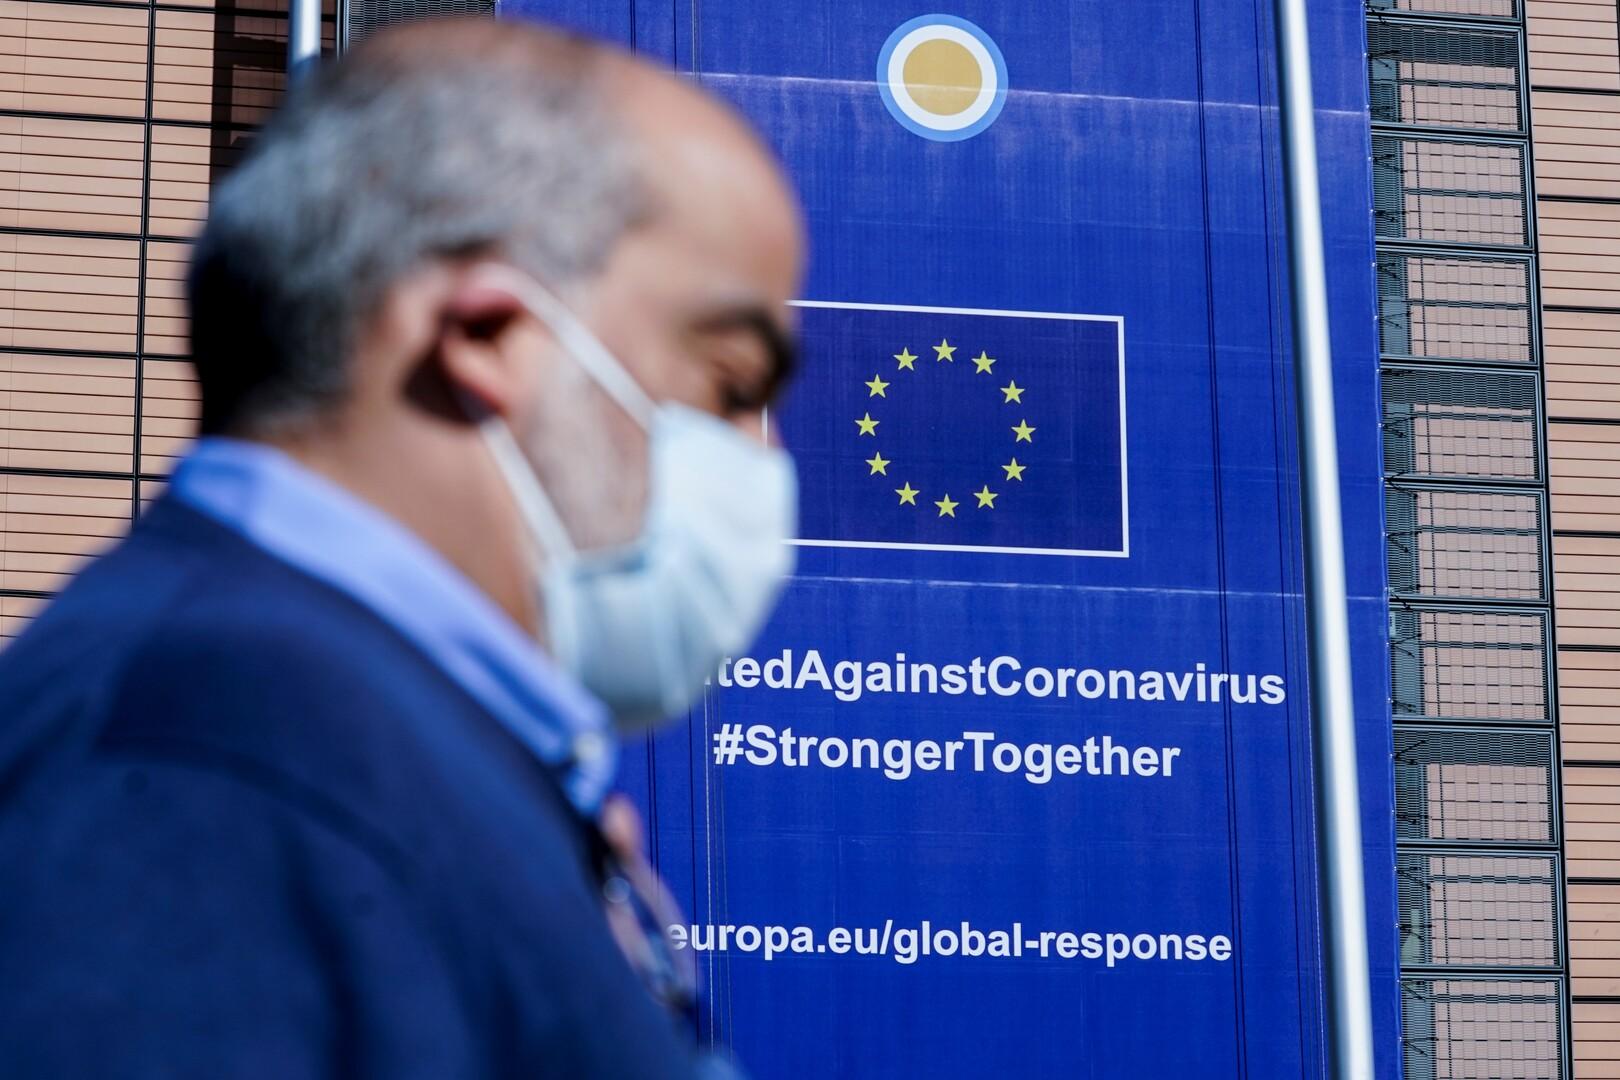 مسودة: الاتحاد الأوروبي يدعو